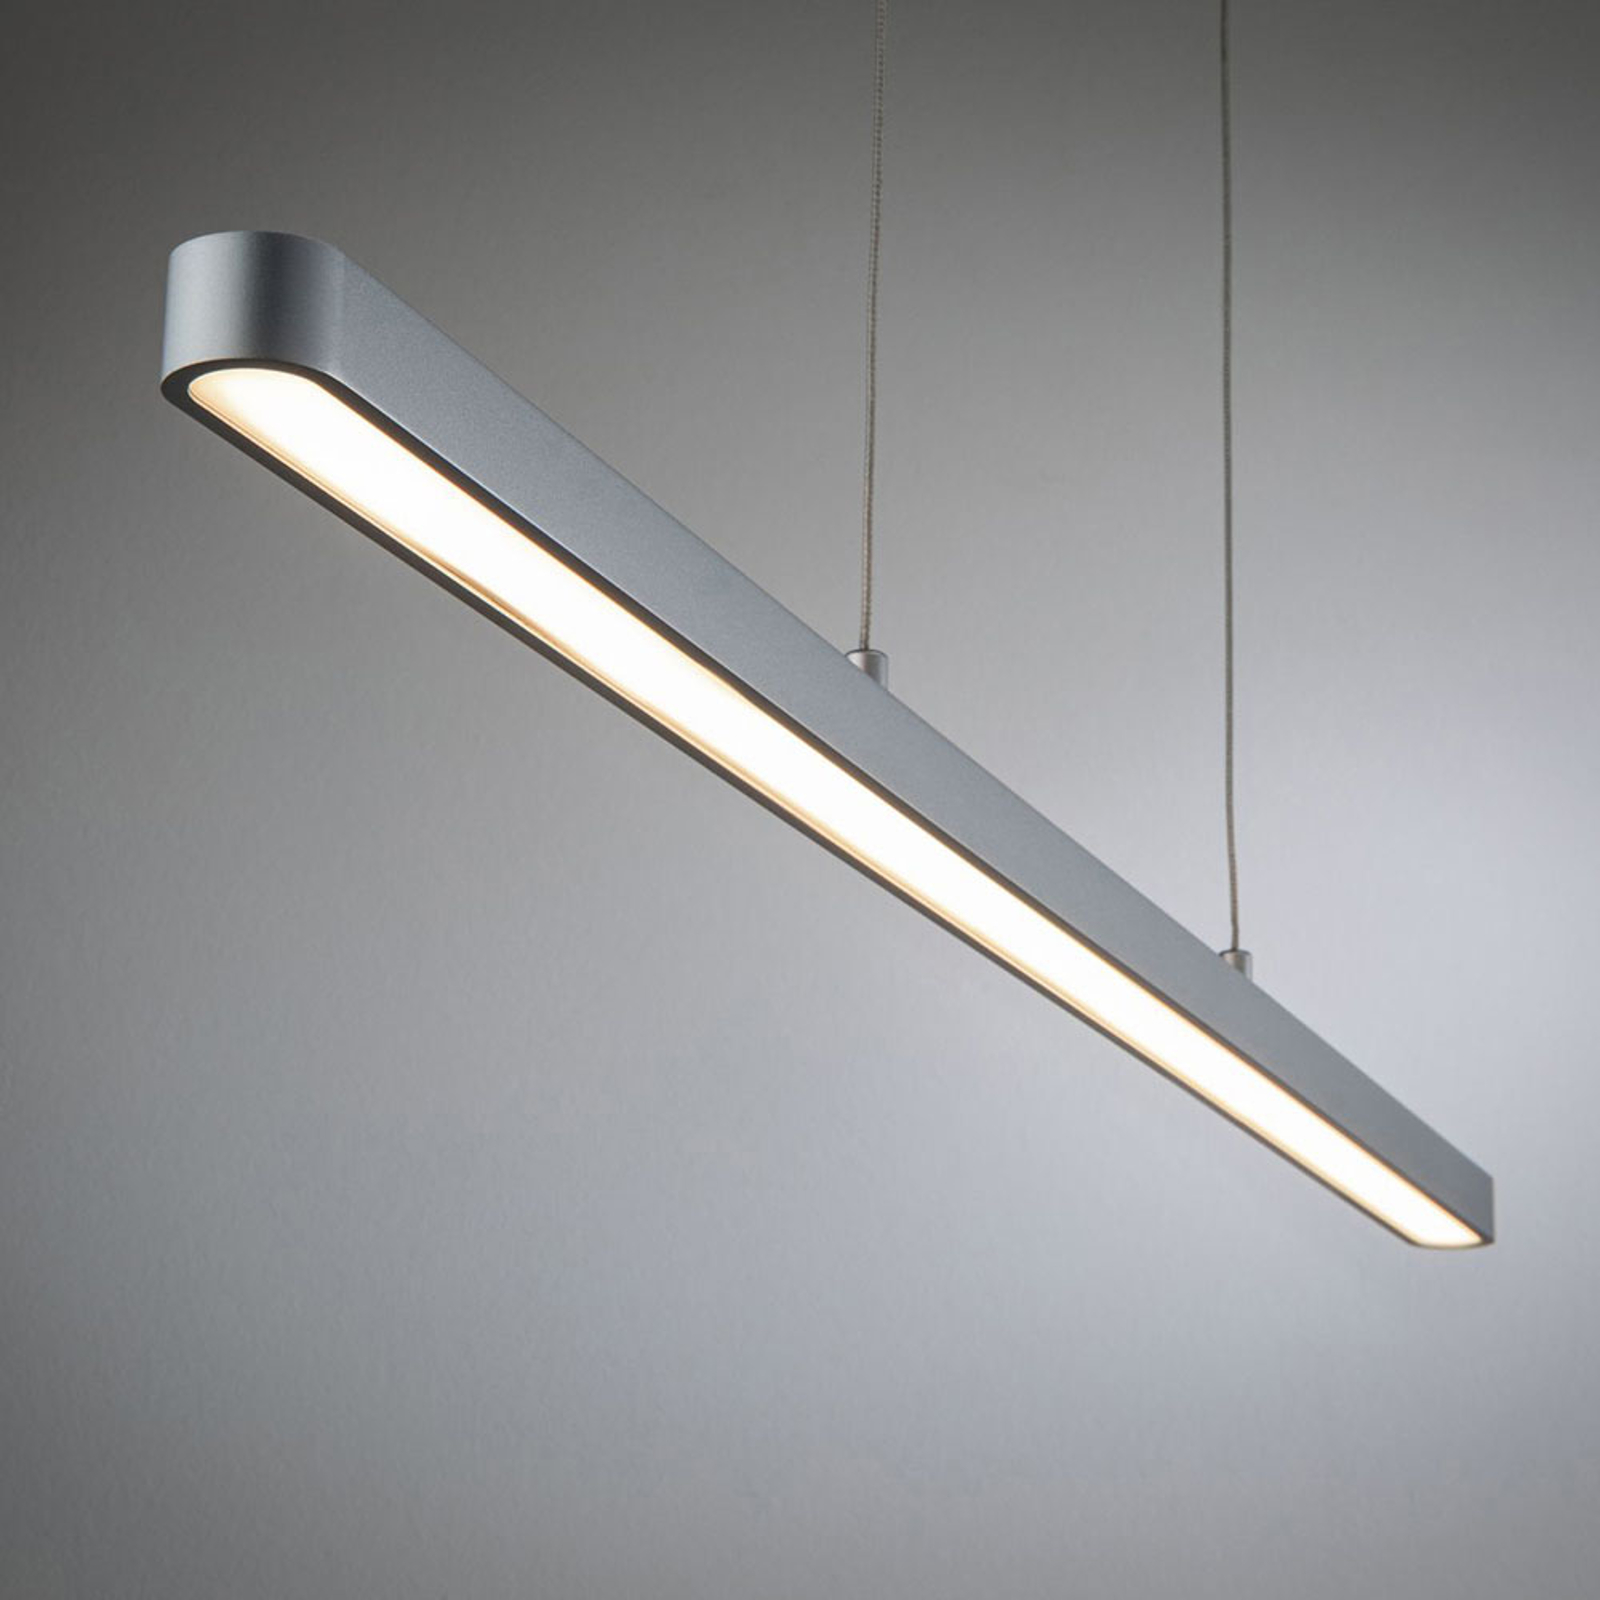 Paulmann URail LED-pendel Lento matt krom